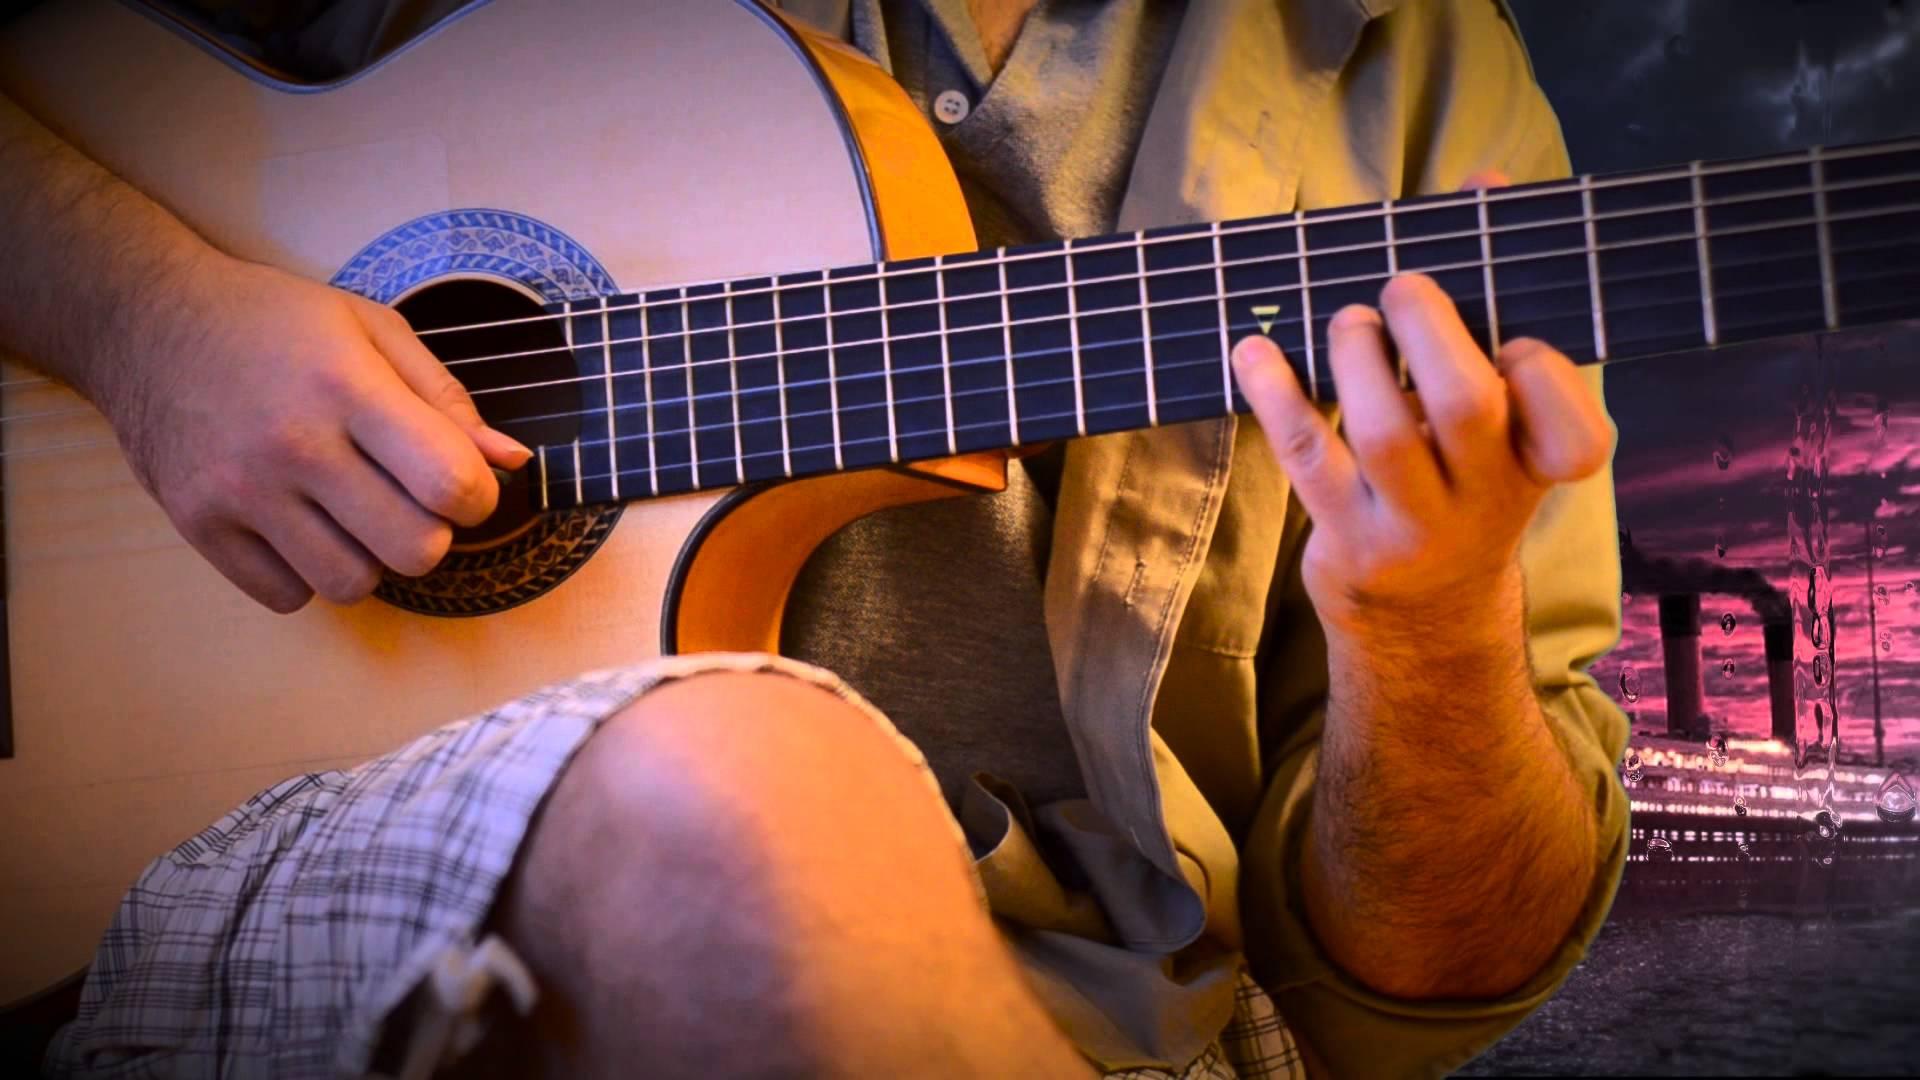 Трахнул на гитаре, Игра На Гитаре (найдено 47 порно видео роликов) 6 фотография